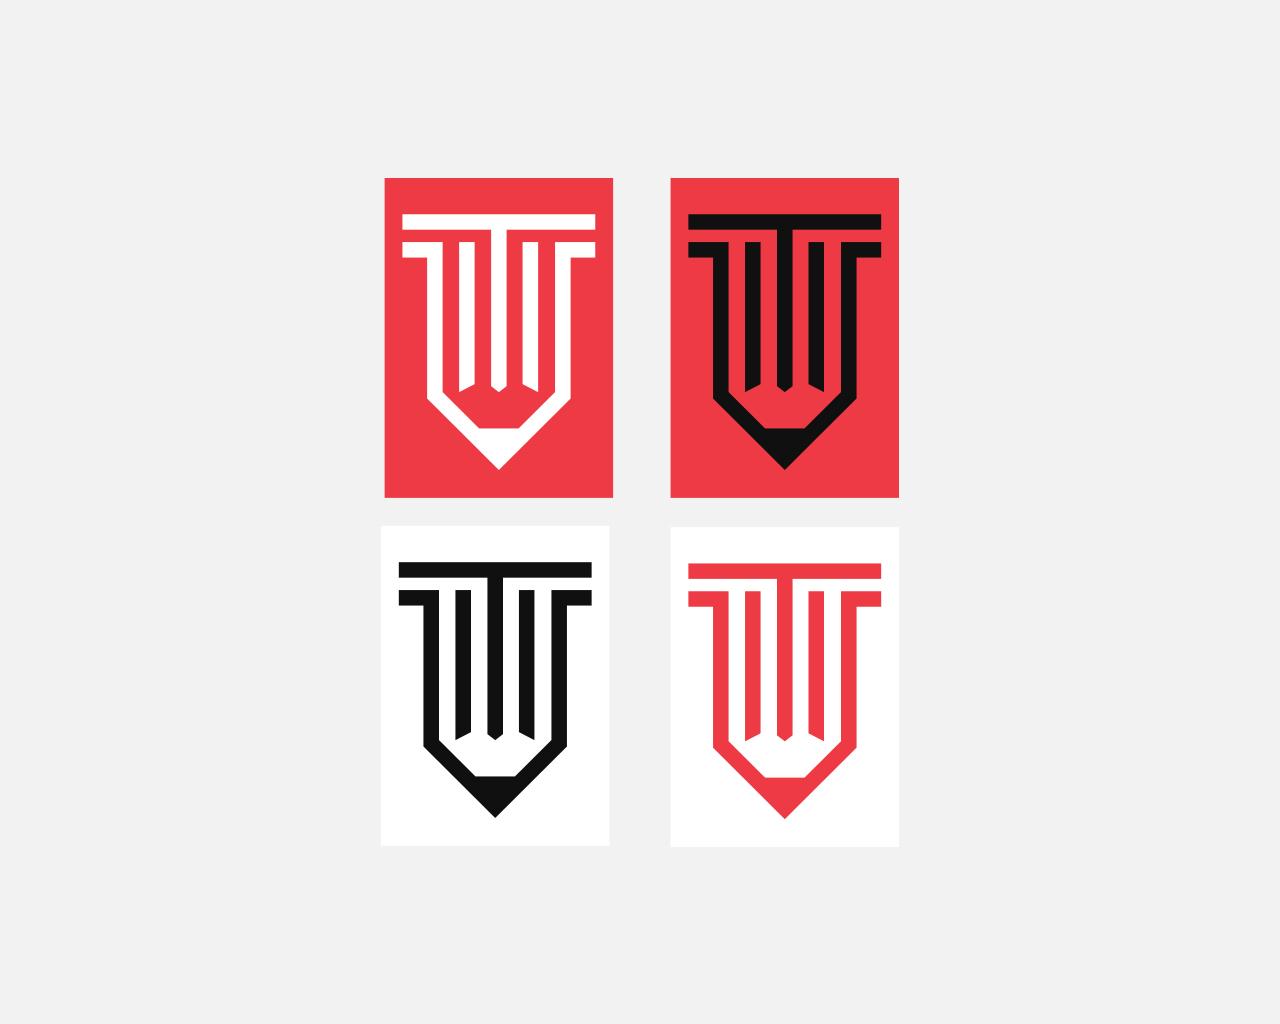 Разработка логотипа и фирм. стиля компании  ТЕХСНАБ фото f_5355b1eb3849abf8.jpg